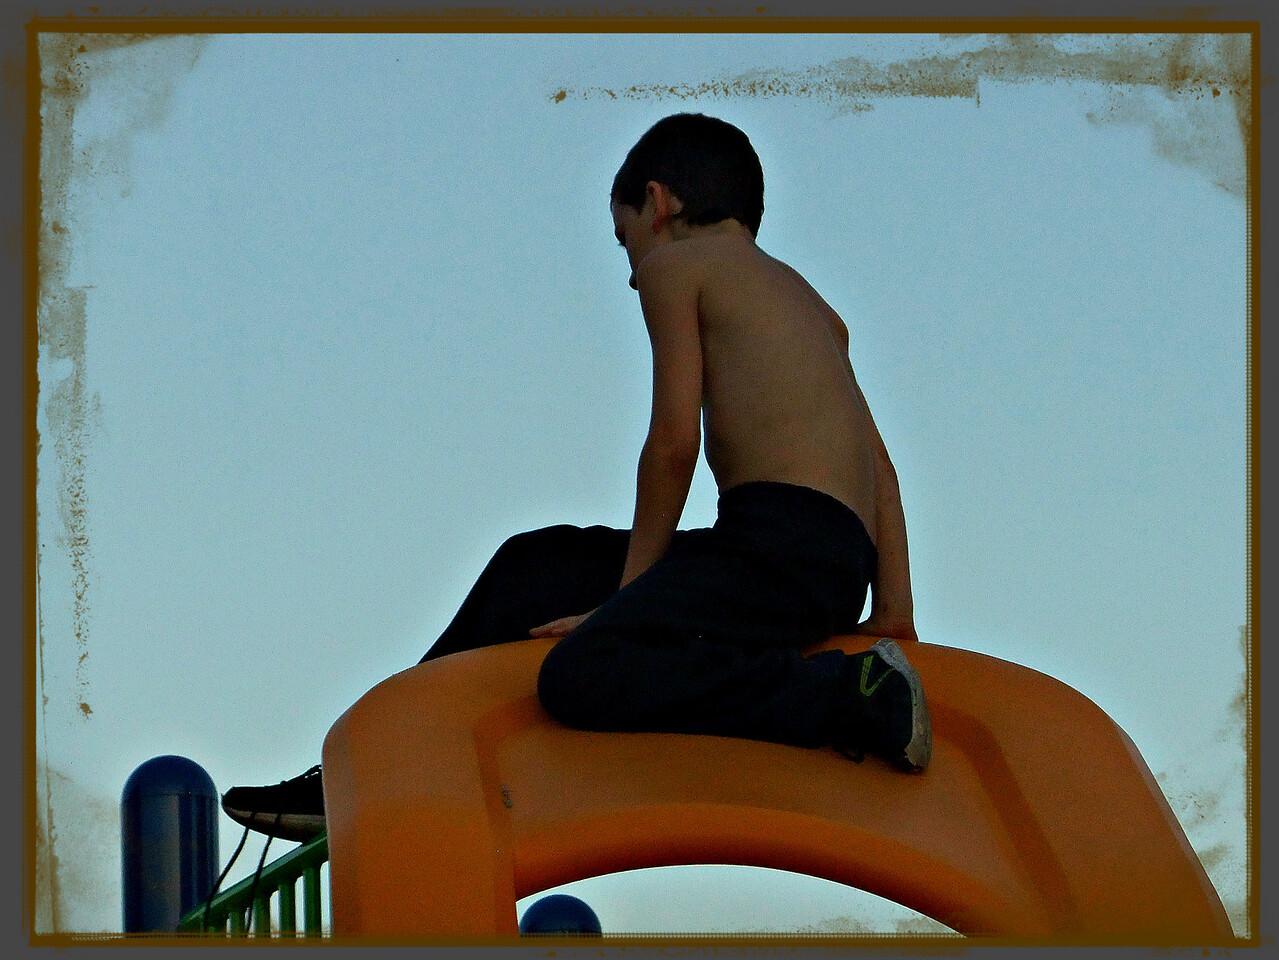 TRYING TO BEAT THE SUNDOWN,,,17/09/16